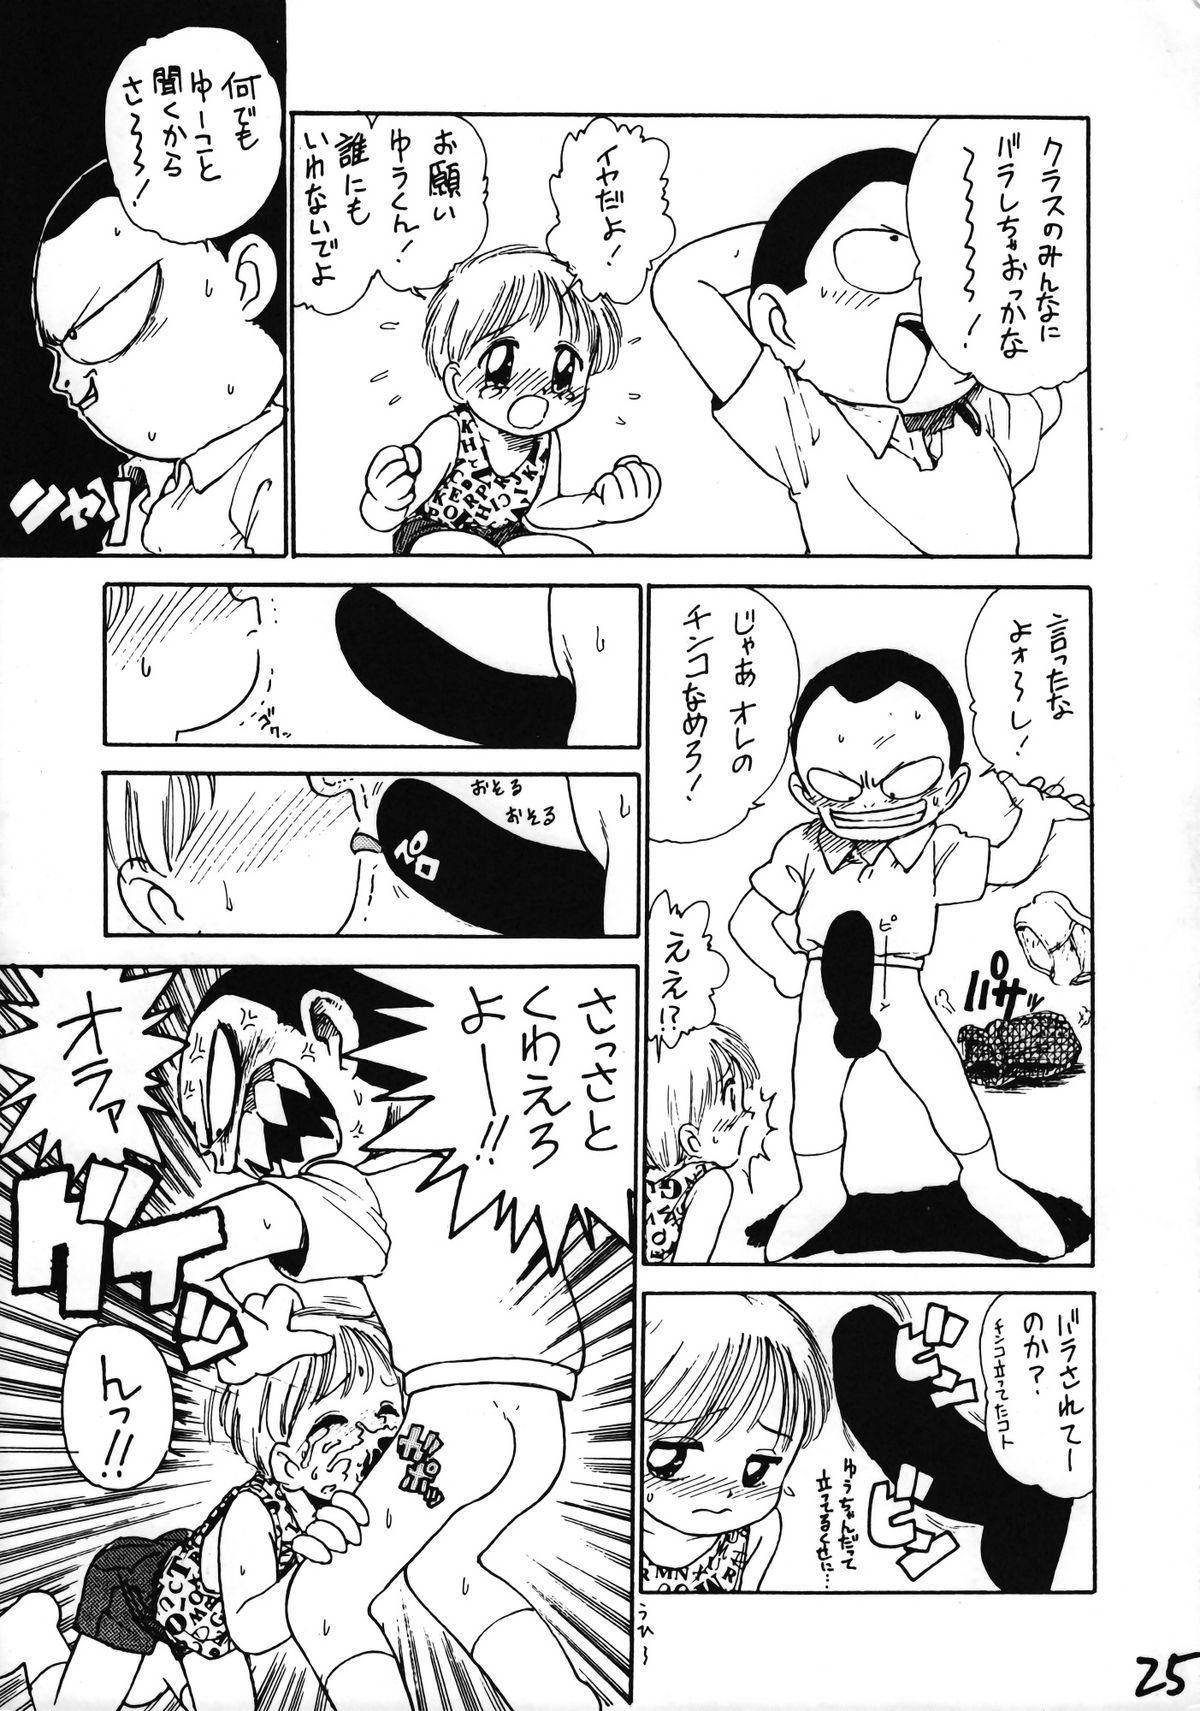 Ikenai! Otokonoko Hon Boy's H Book 2 25